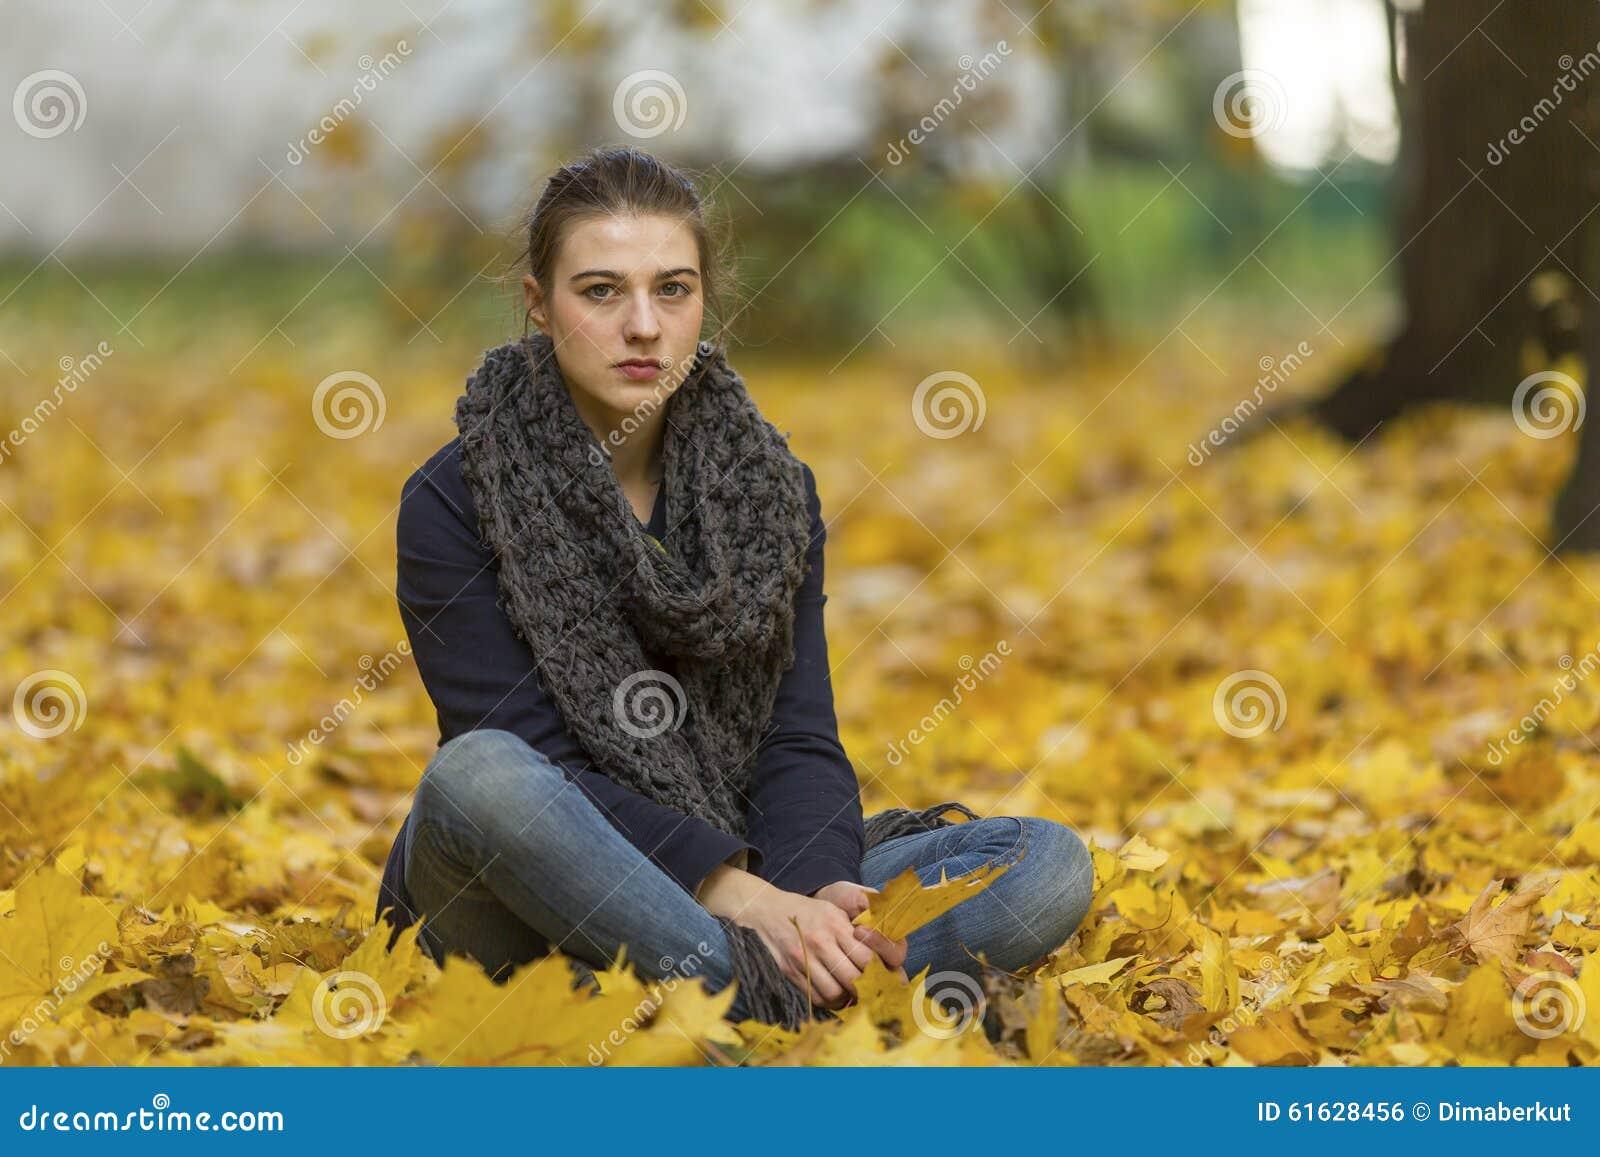 jeune fille en stationnement d 39 automne douleur photo stock image 61628456. Black Bedroom Furniture Sets. Home Design Ideas